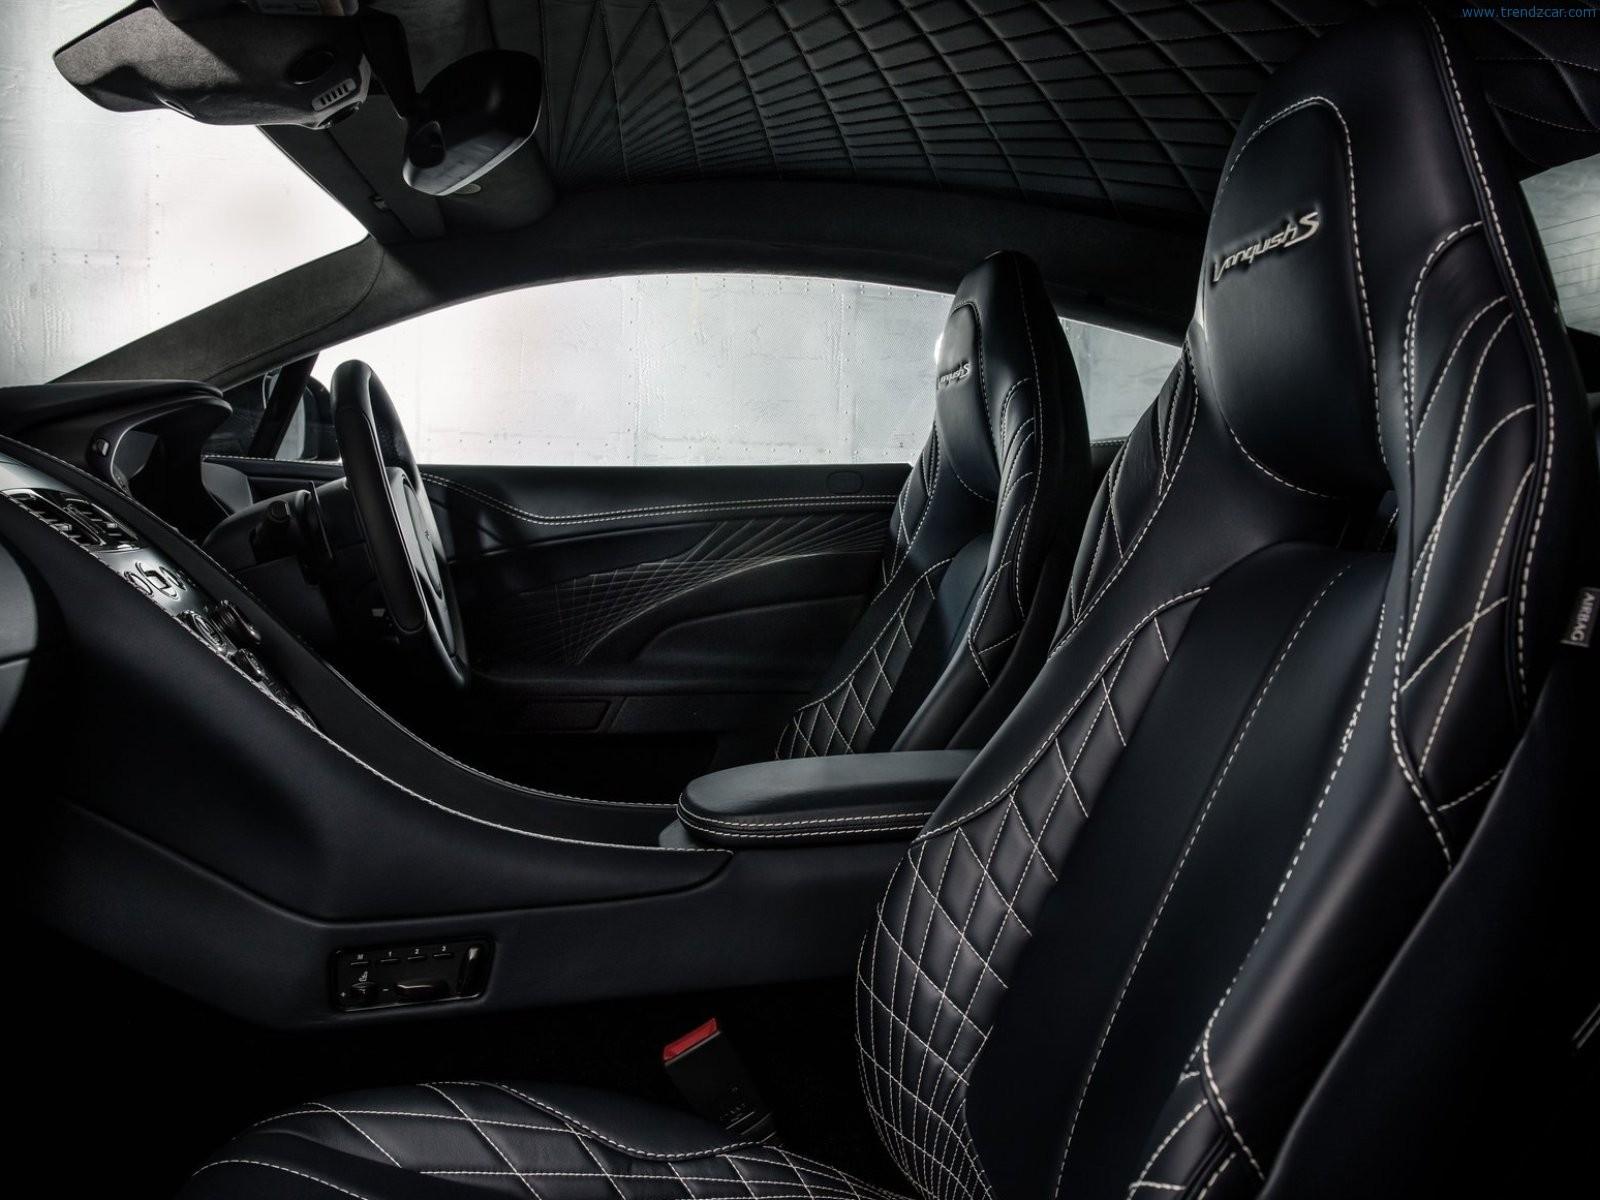 Aston Martin Vanquish S Coupe MilesPerHr - 2018 aston martin vanquish coupe